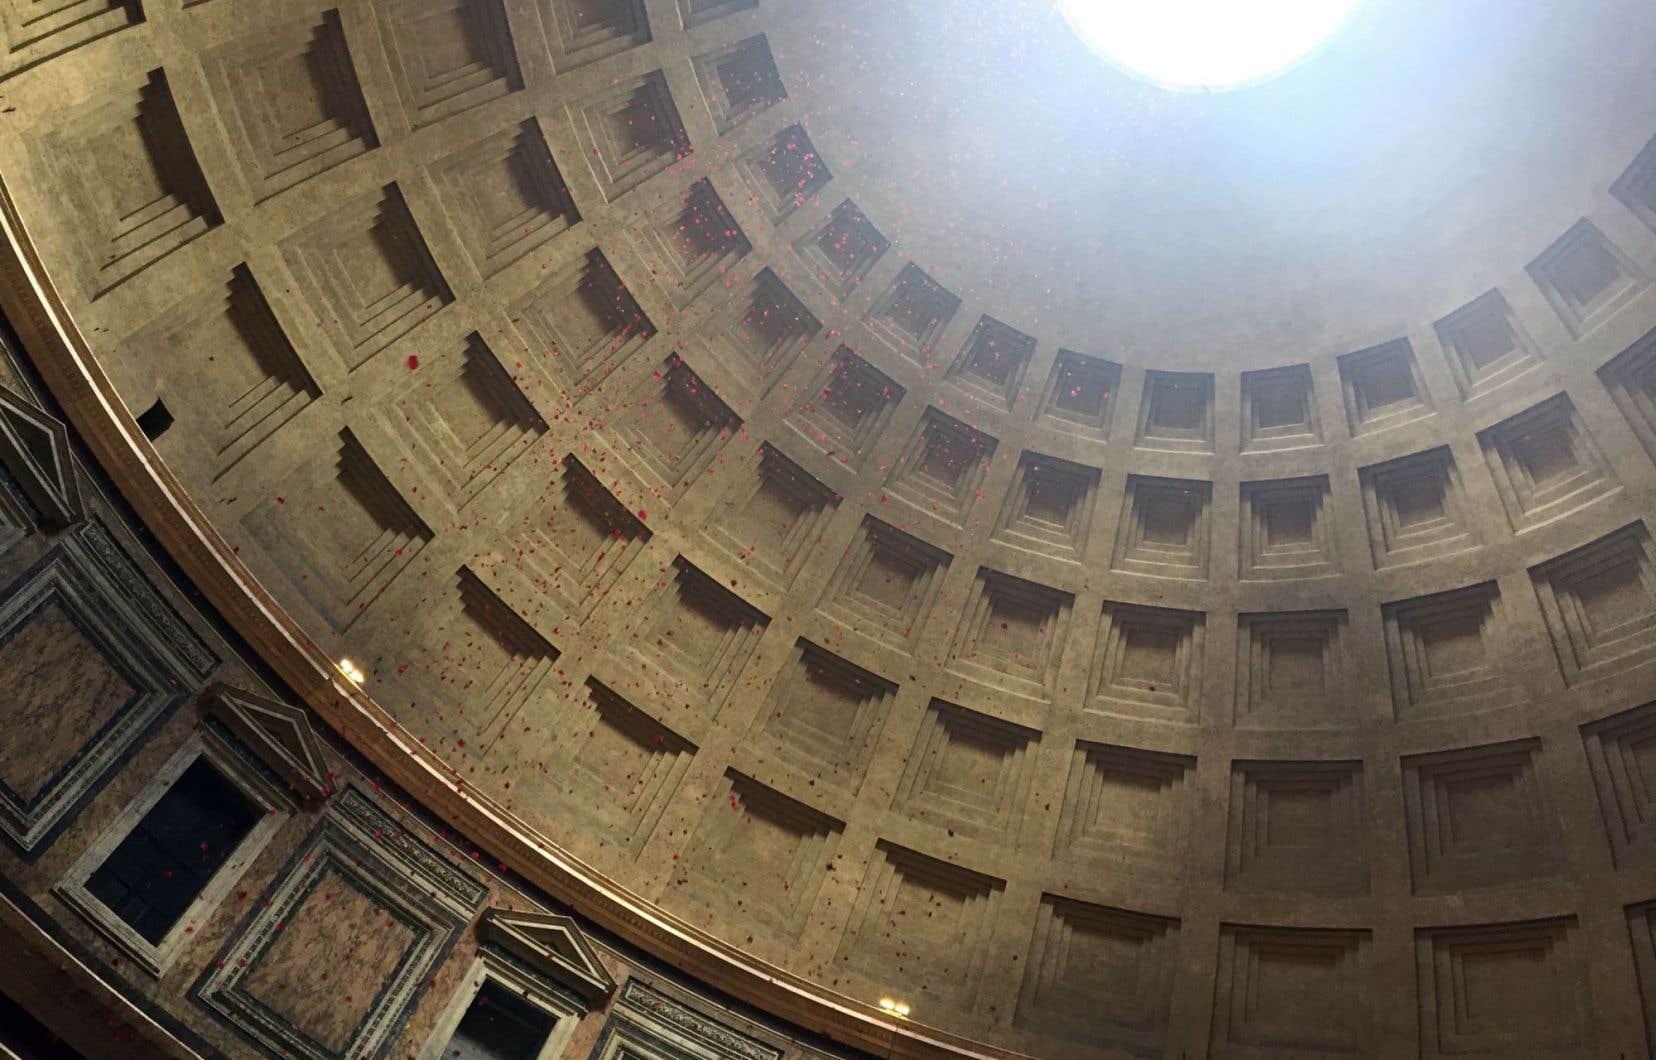 Chaque année, à la Pentecôte, de l'oculus du dôme spectaculaire considéré comme le père de tous les dômes, tombent des pétales de roses qui symbolisent les langues de feu envoyées par l'Esprit saint aux apôtres.